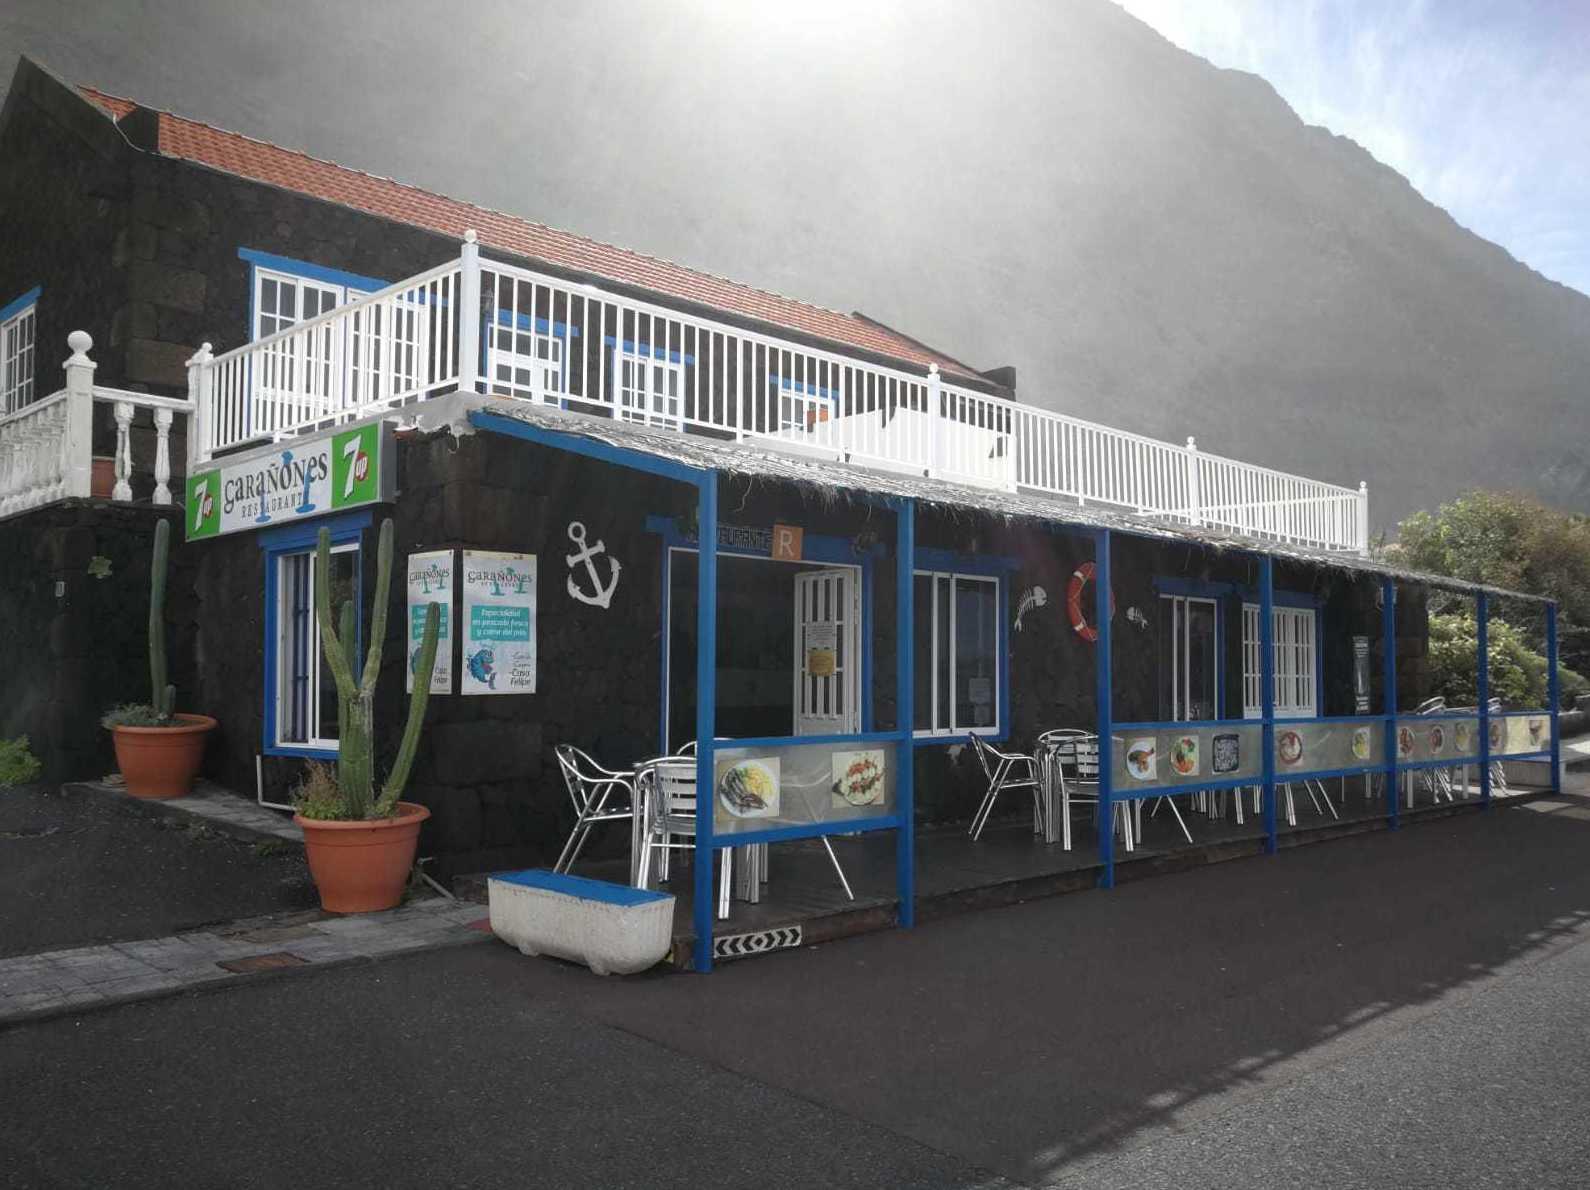 Foto 5 de Restaurante en Frontera | Restaurante Garañones